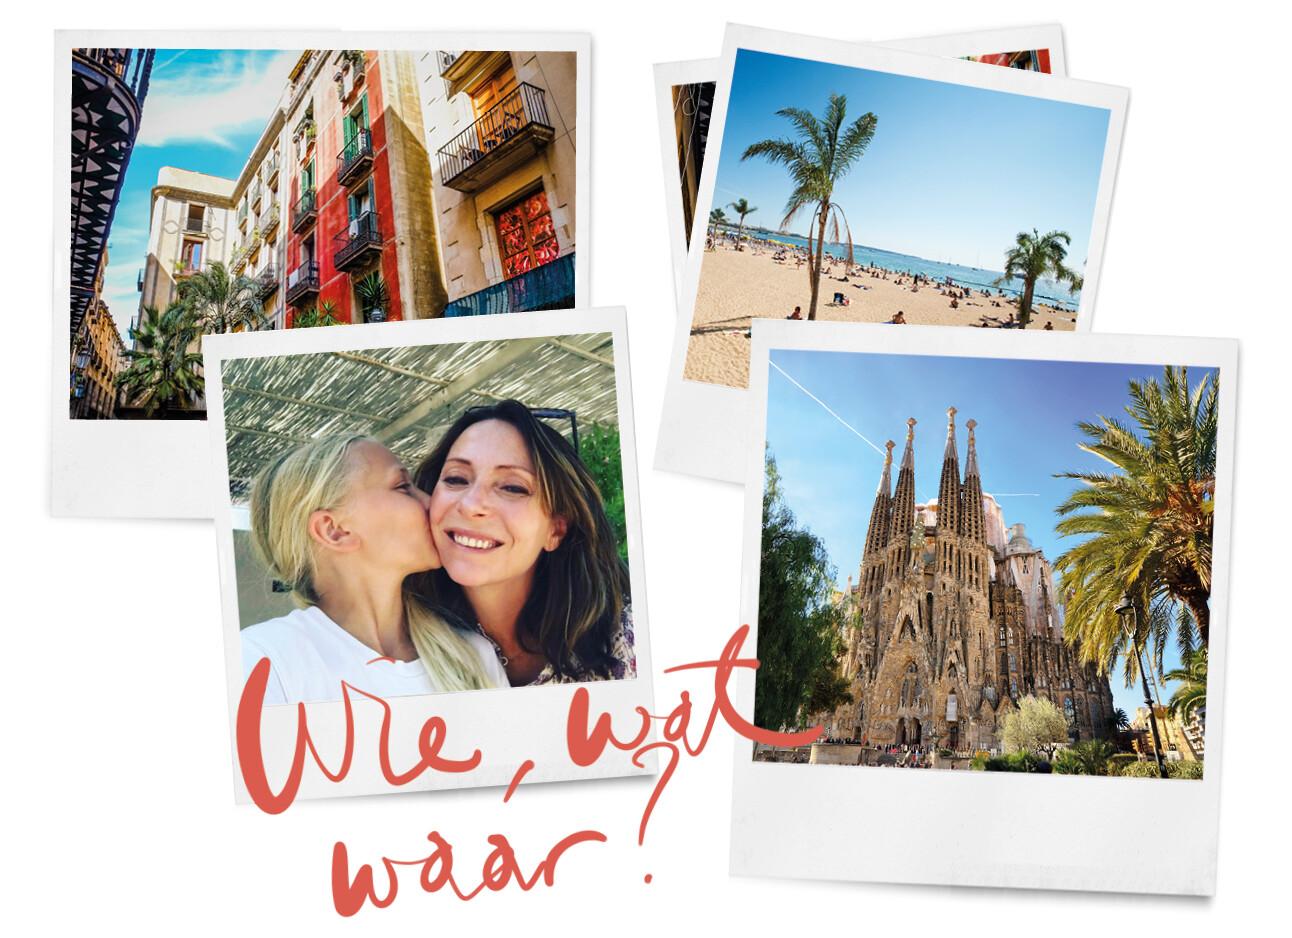 foto's van Barcelona